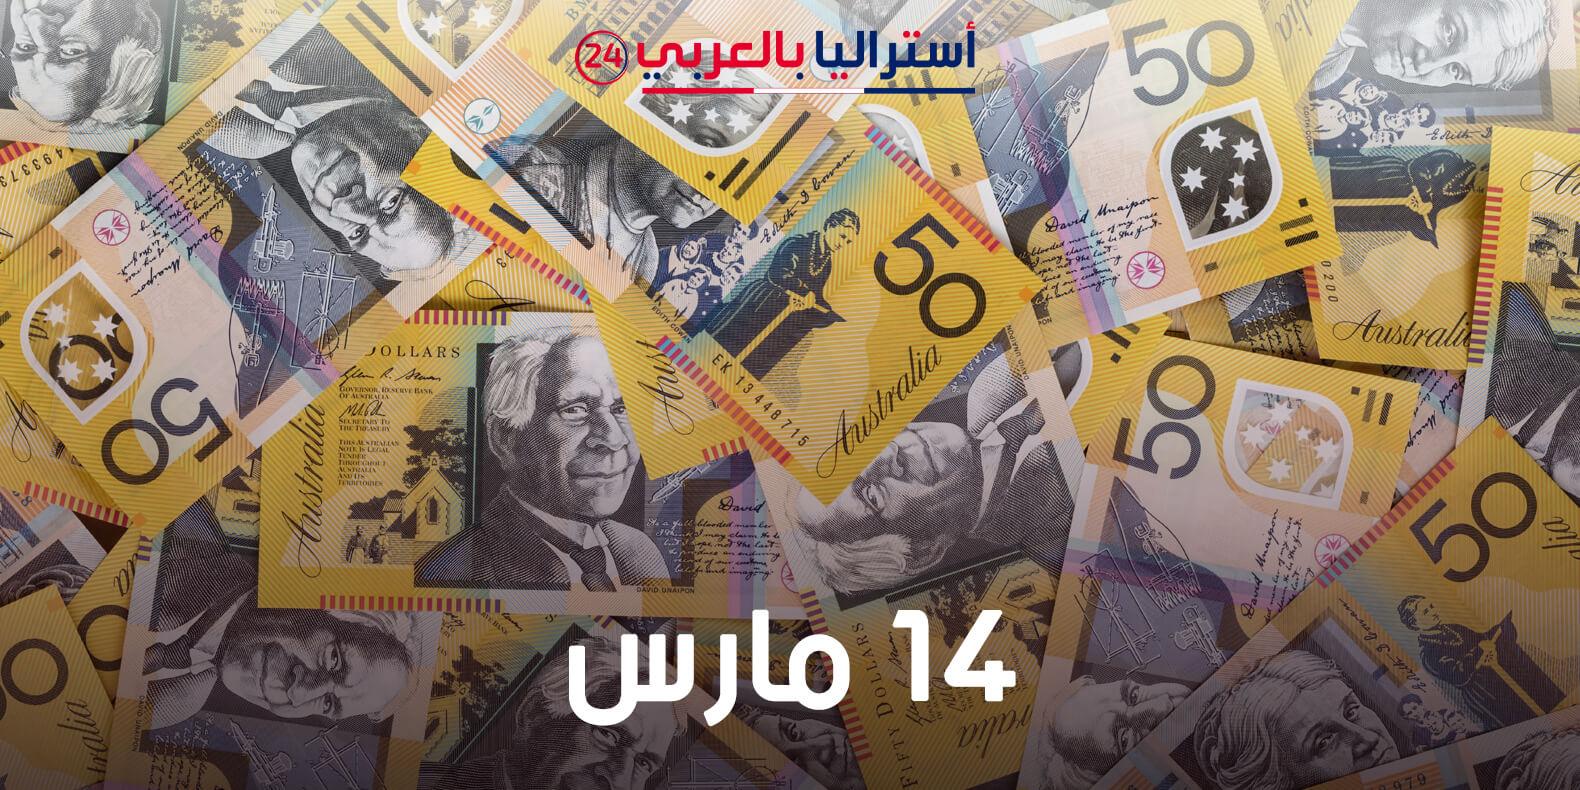 سعر الدولار الاسترالي اليوم مقابل العملات العالمية والعربية 14 مارس